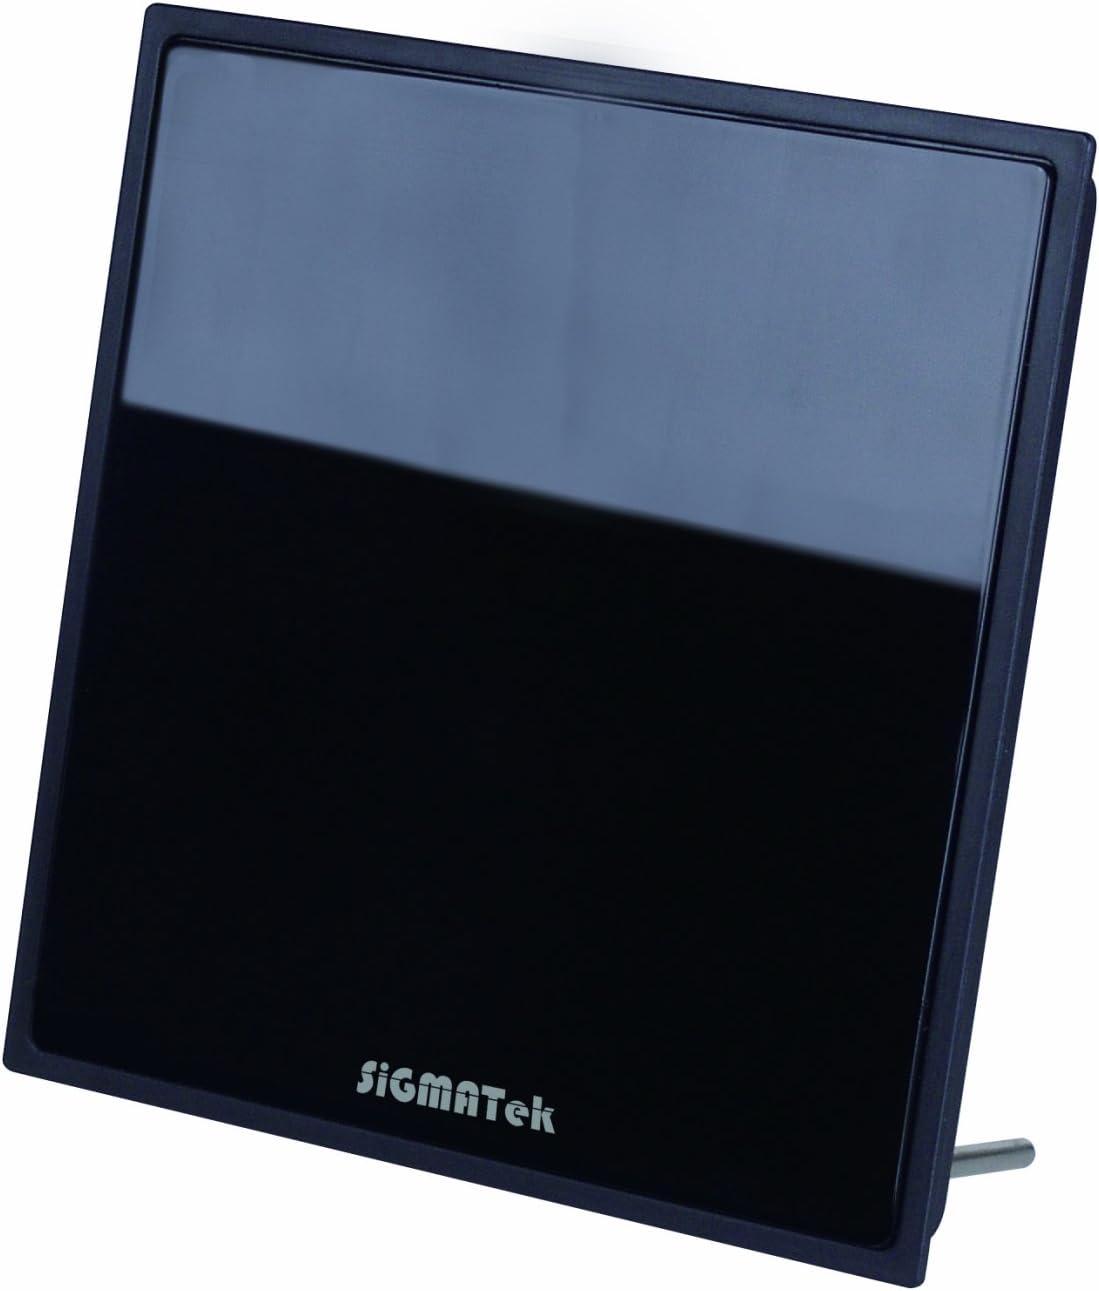 Sigmatek ANT 220 - Antena de TV/TDT [Importado de Francia]: Amazon.es: Electrónica